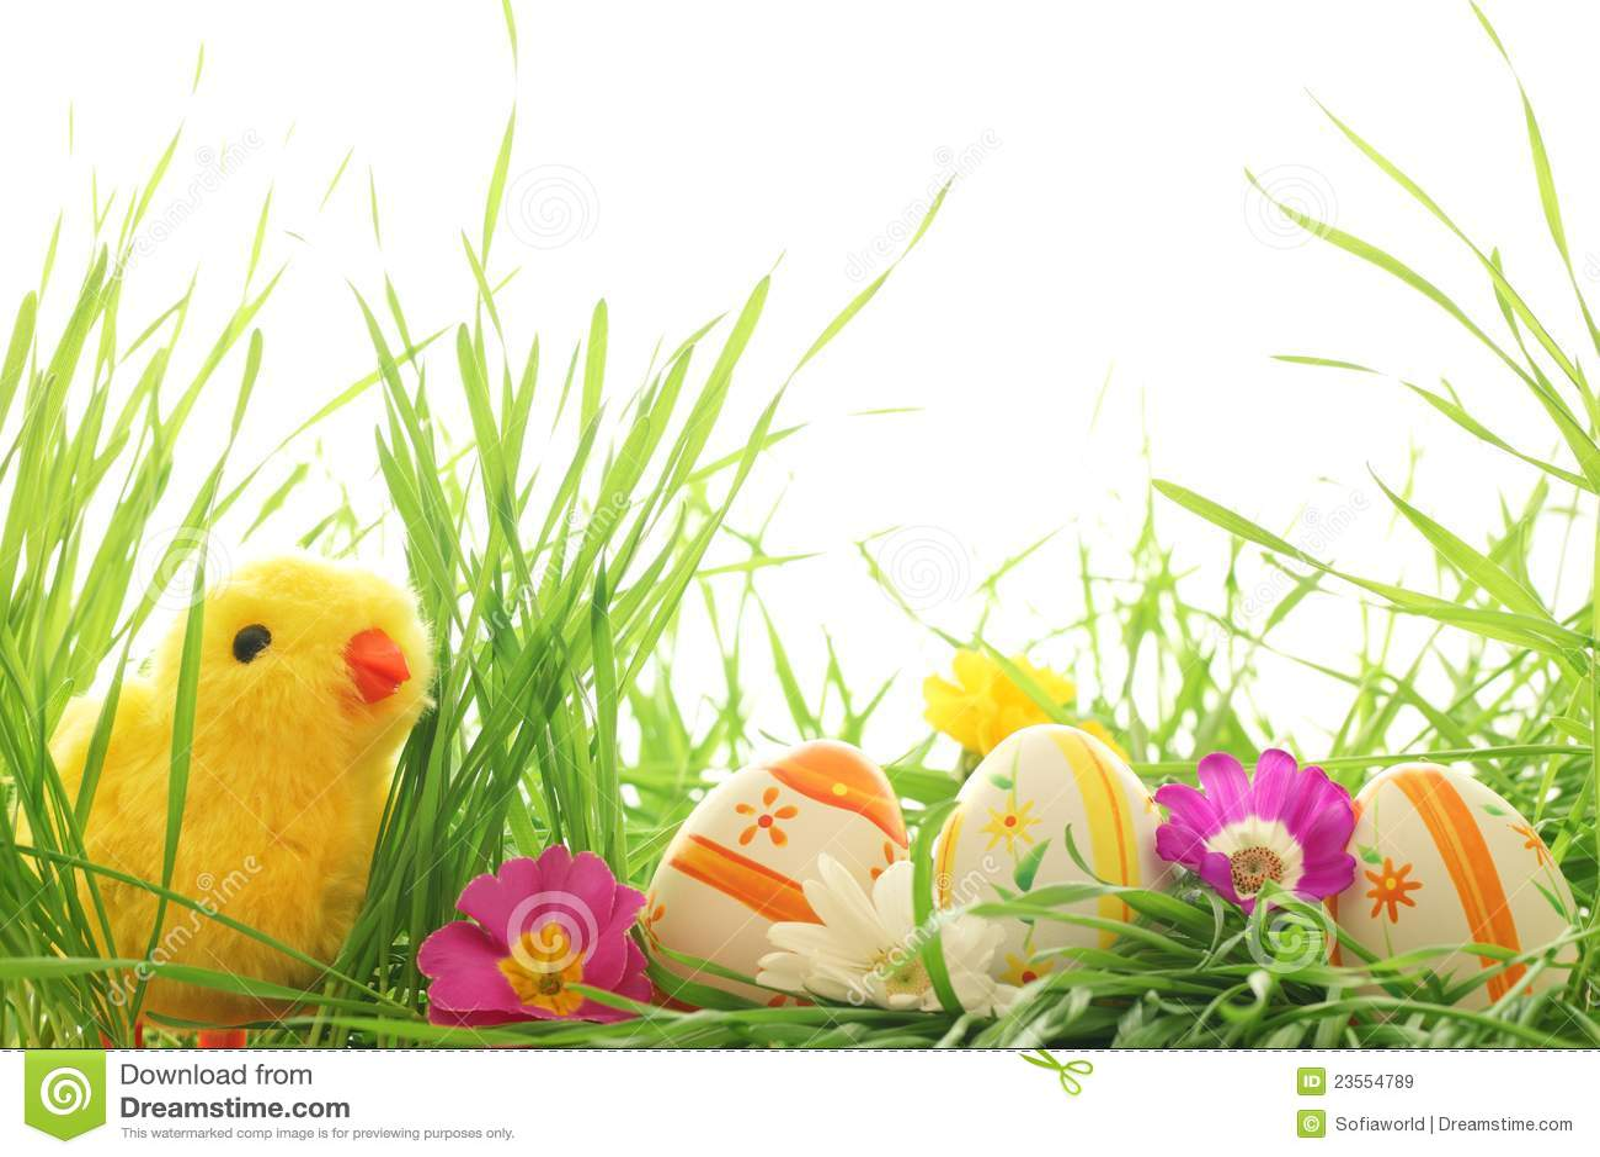 De decoratie van pasen met kuiken en eieren royalty vrije stock afbeeldingen beeld 23554789 - Decoratie van de villas ...